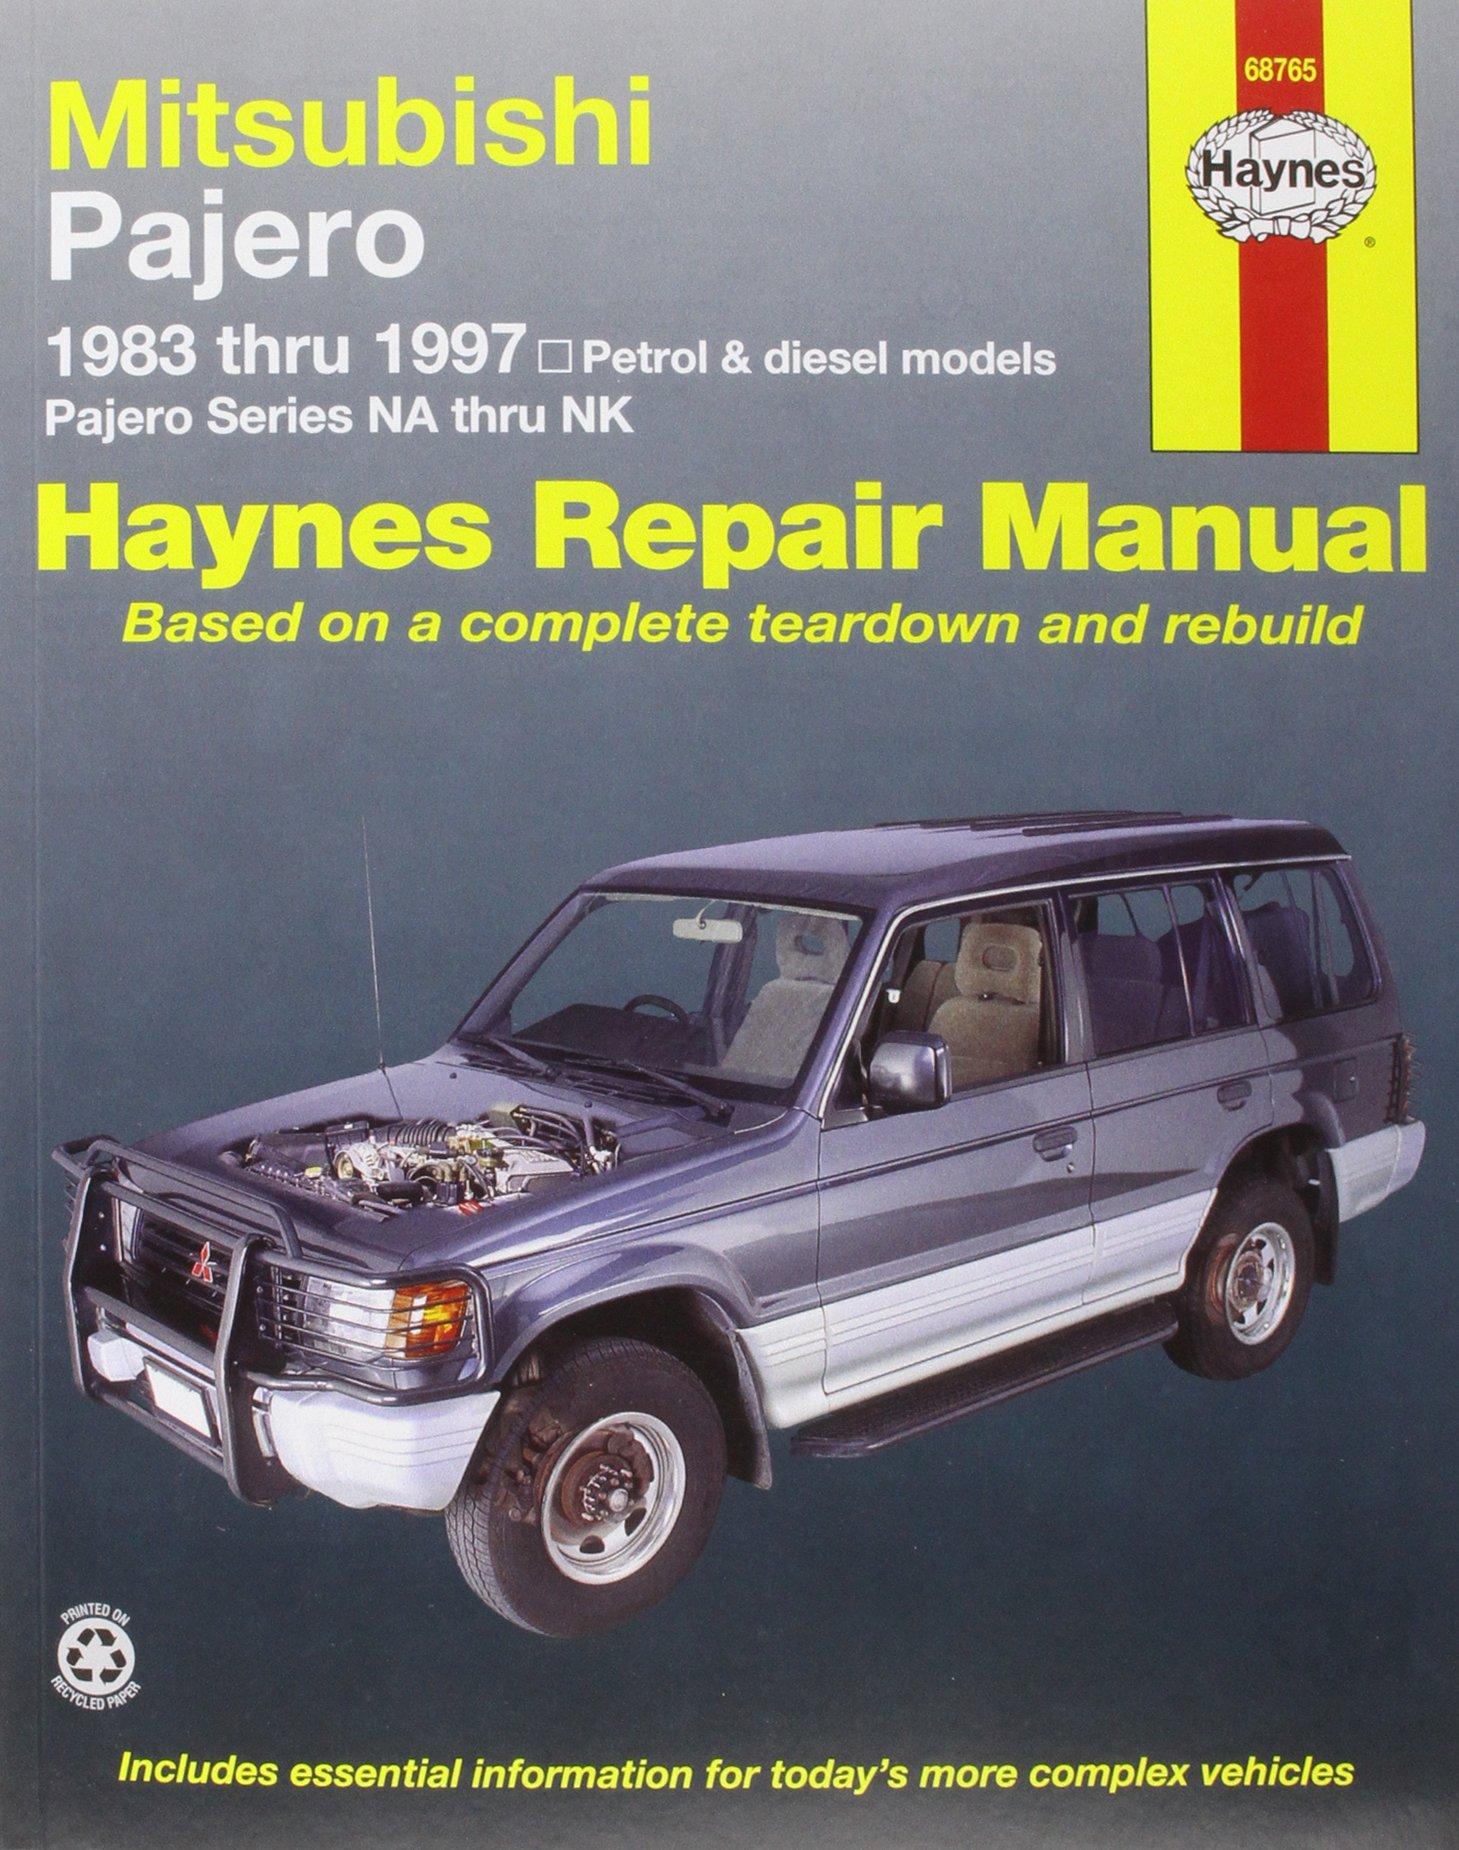 Mitsubishi Pajero Petrol & Diesel 83-97: Amazon.co.uk: Haynes Publishing:  9781563929823: Books